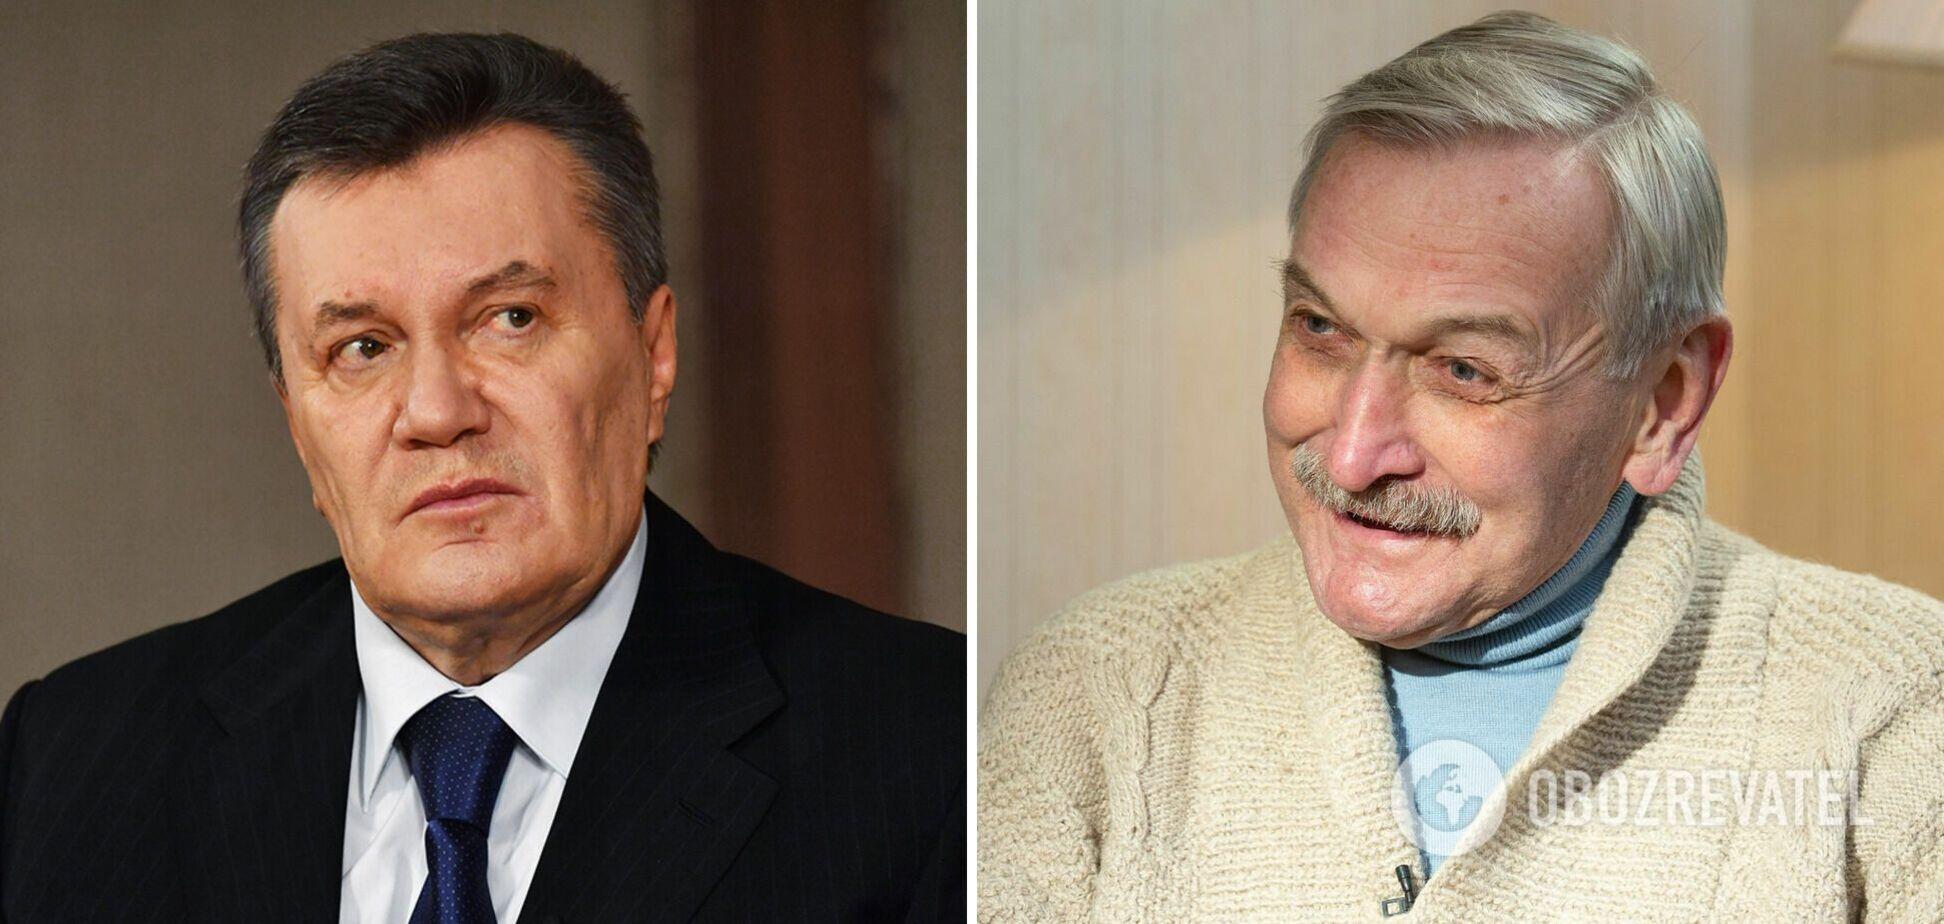 Зірка 'У бій ідуть одні 'старики' заявив, що Янукович хотів використати його відому фразу з фільму